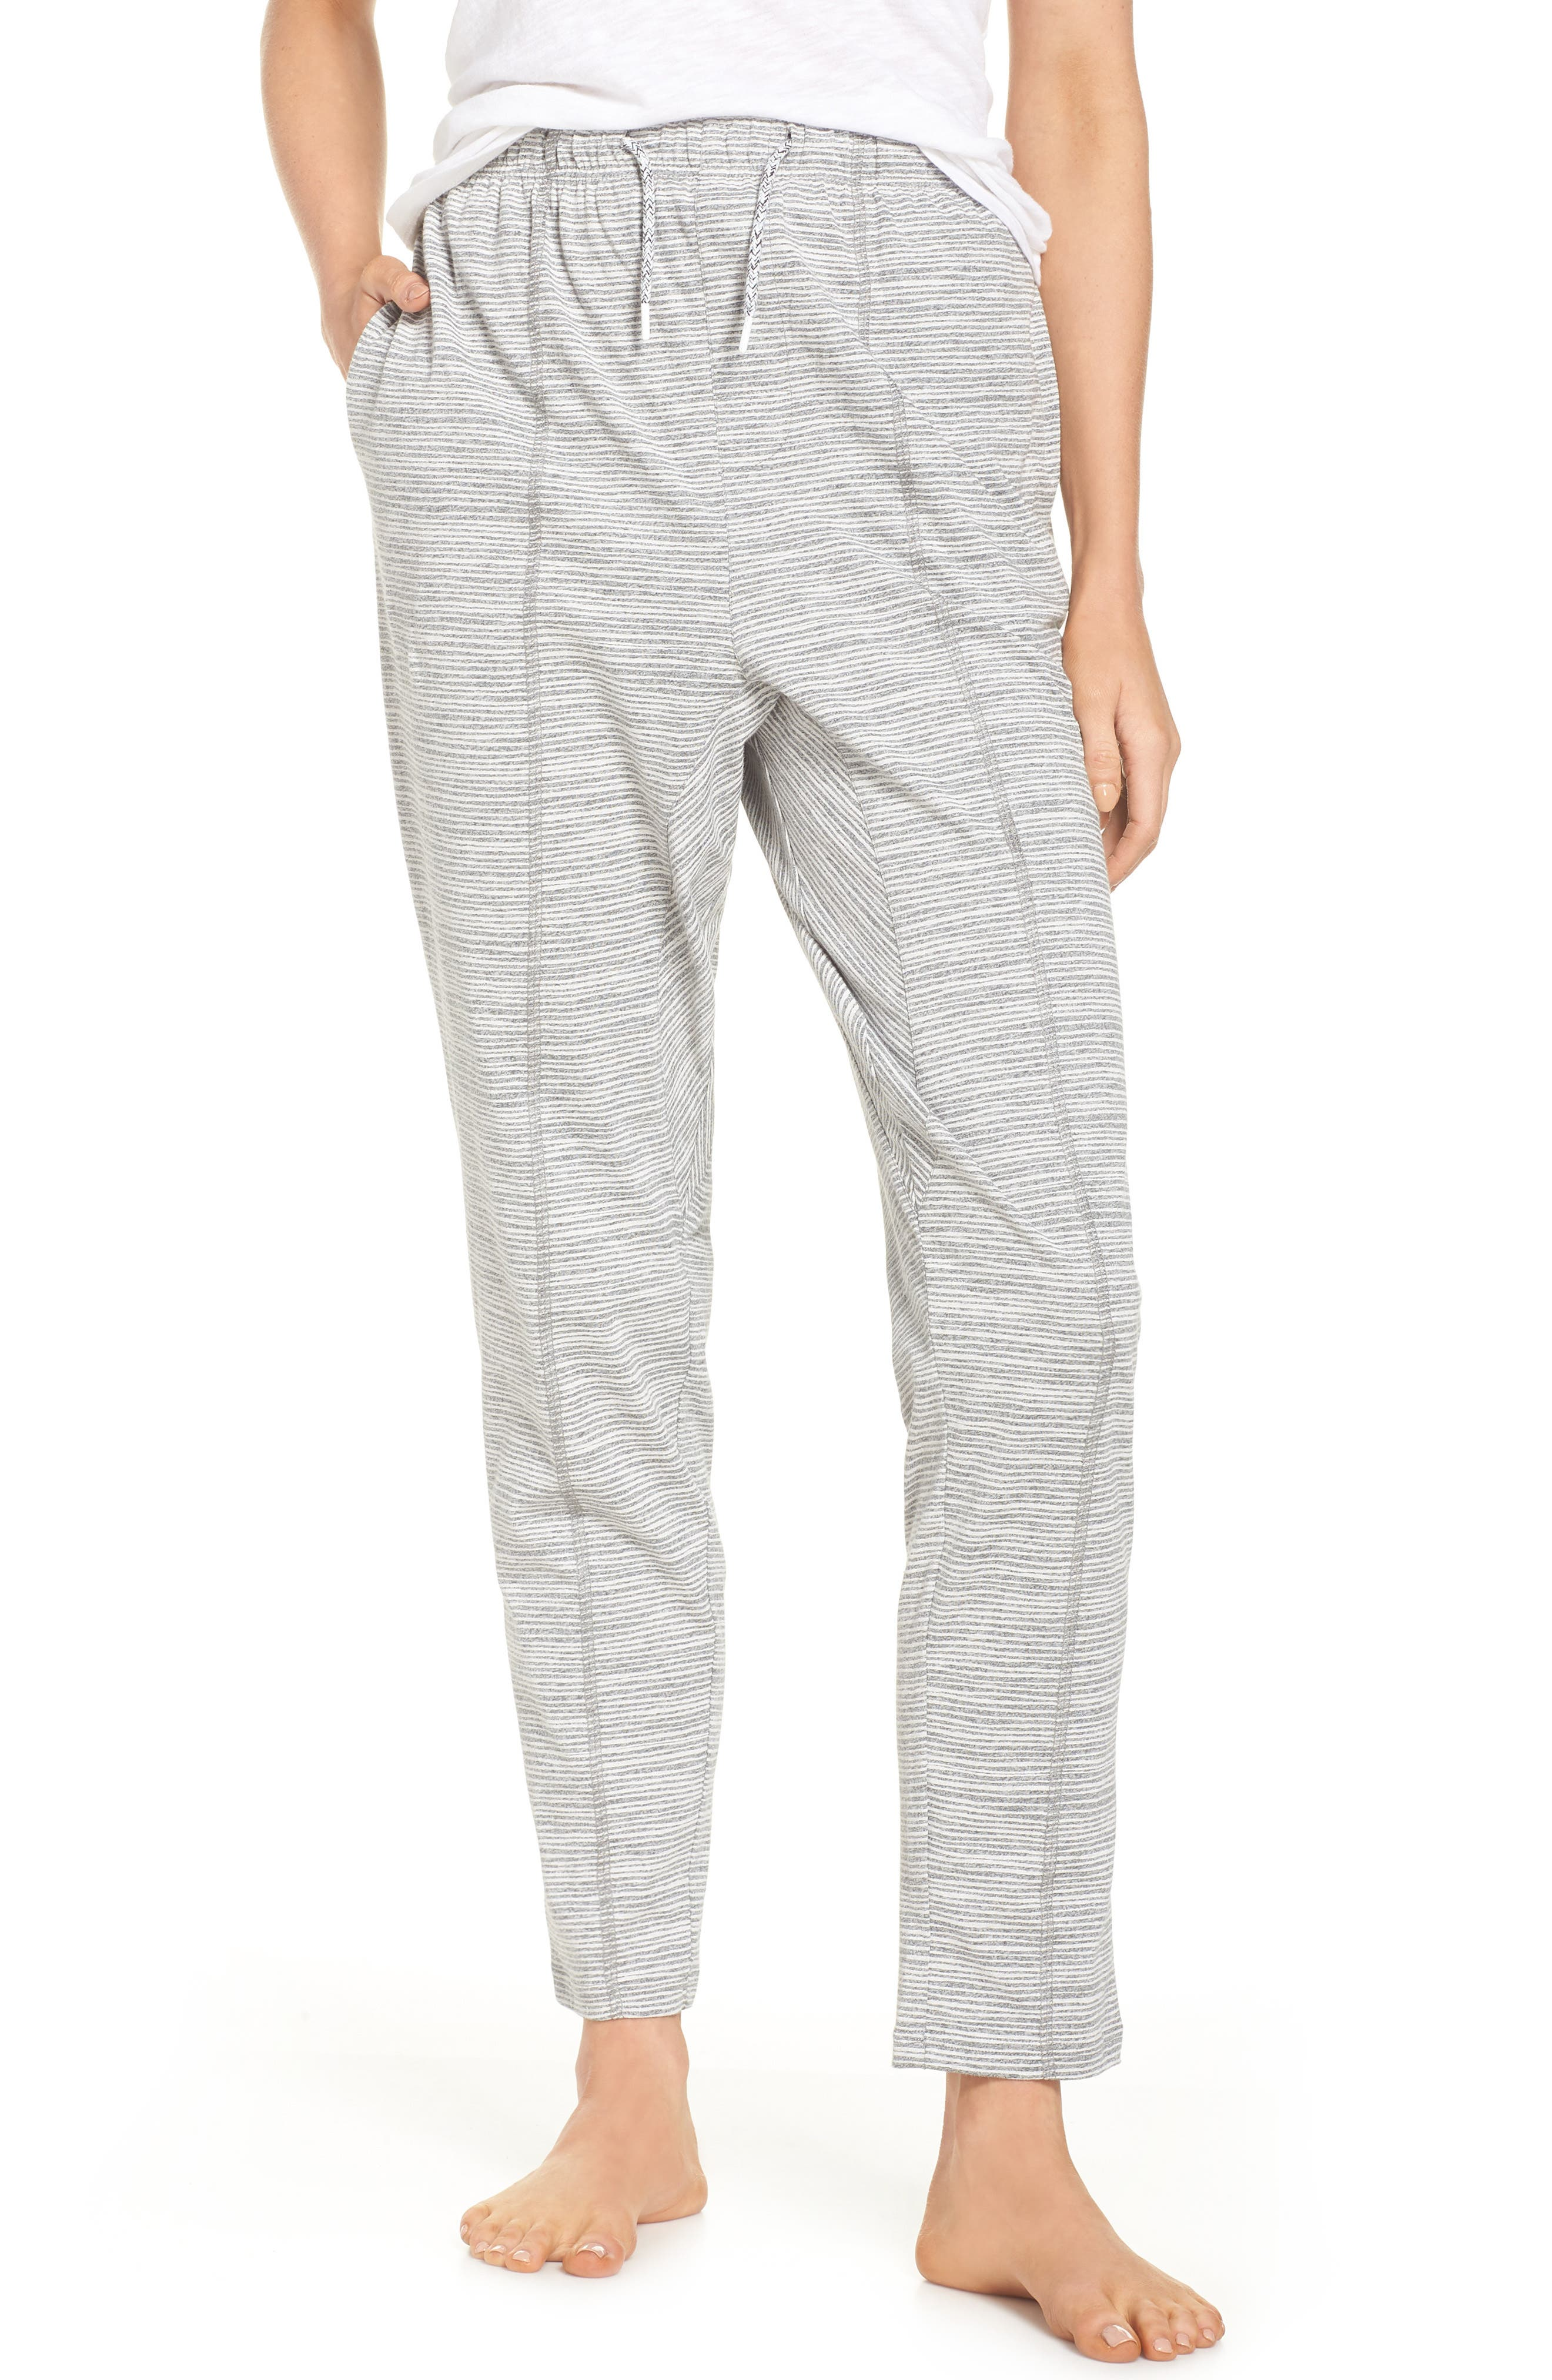 Chalmers Ash Stripe Lounge Pants